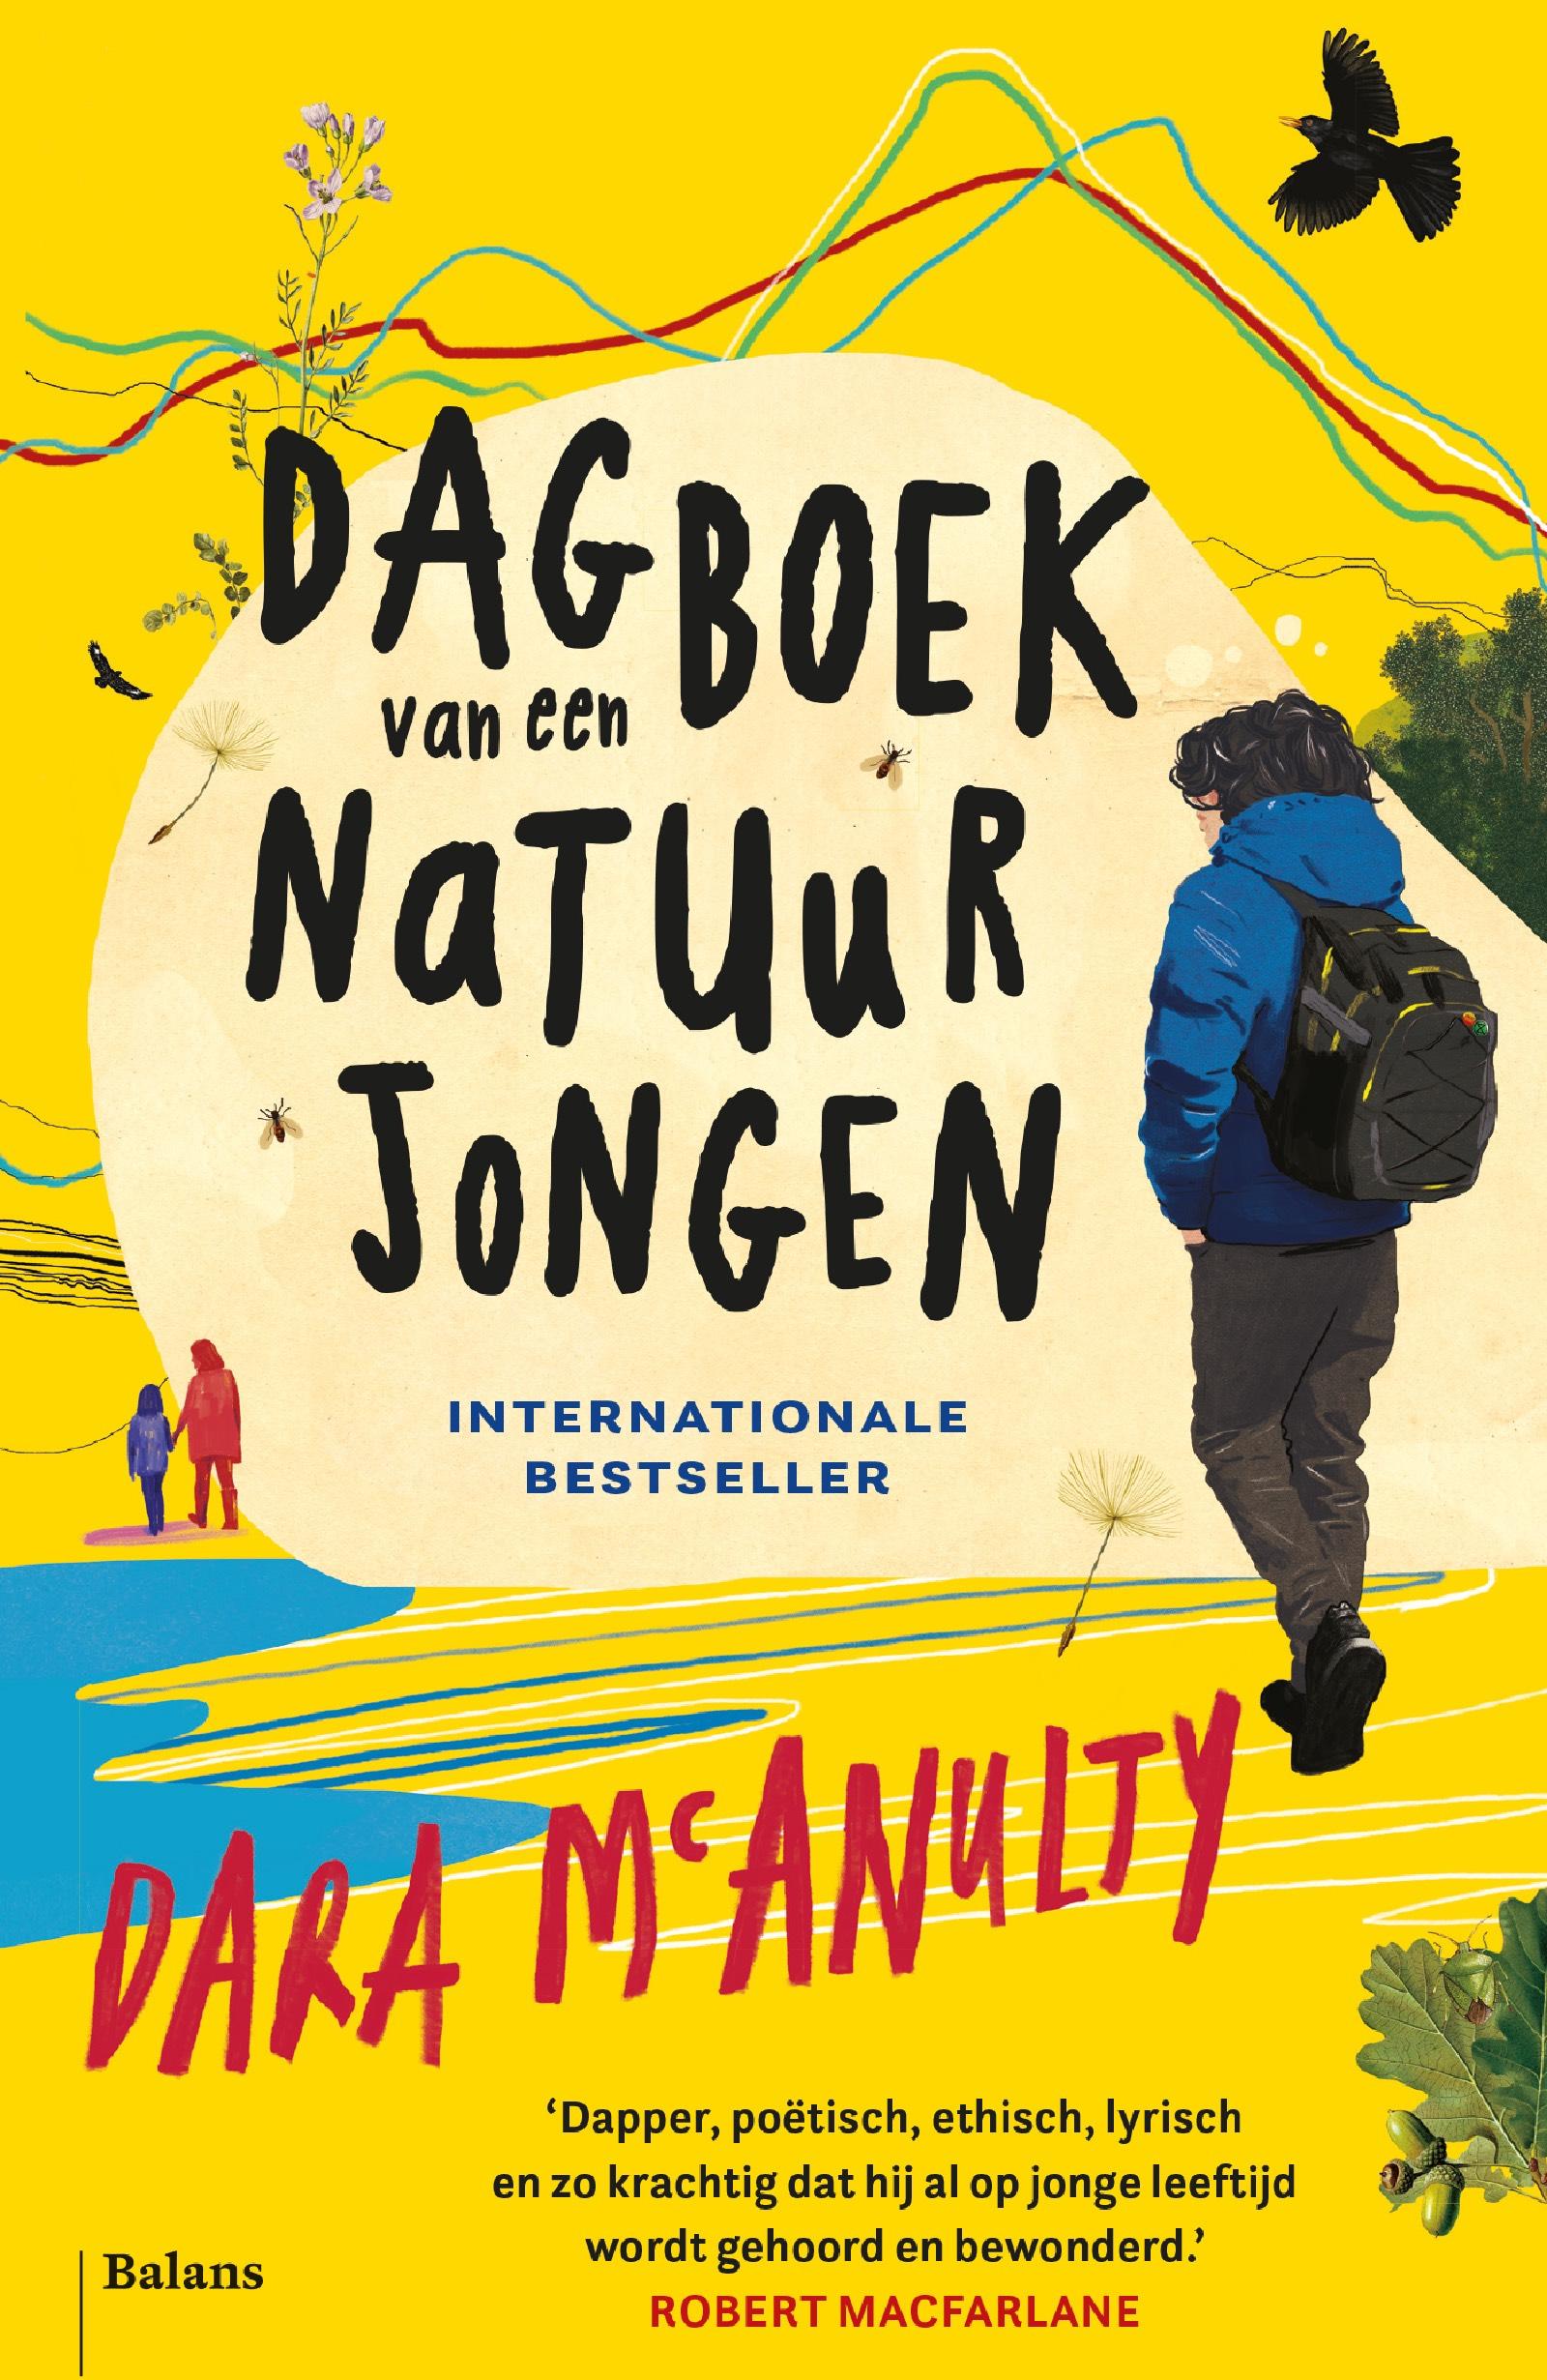 Dagboek van een natuurjongen - boekenflits